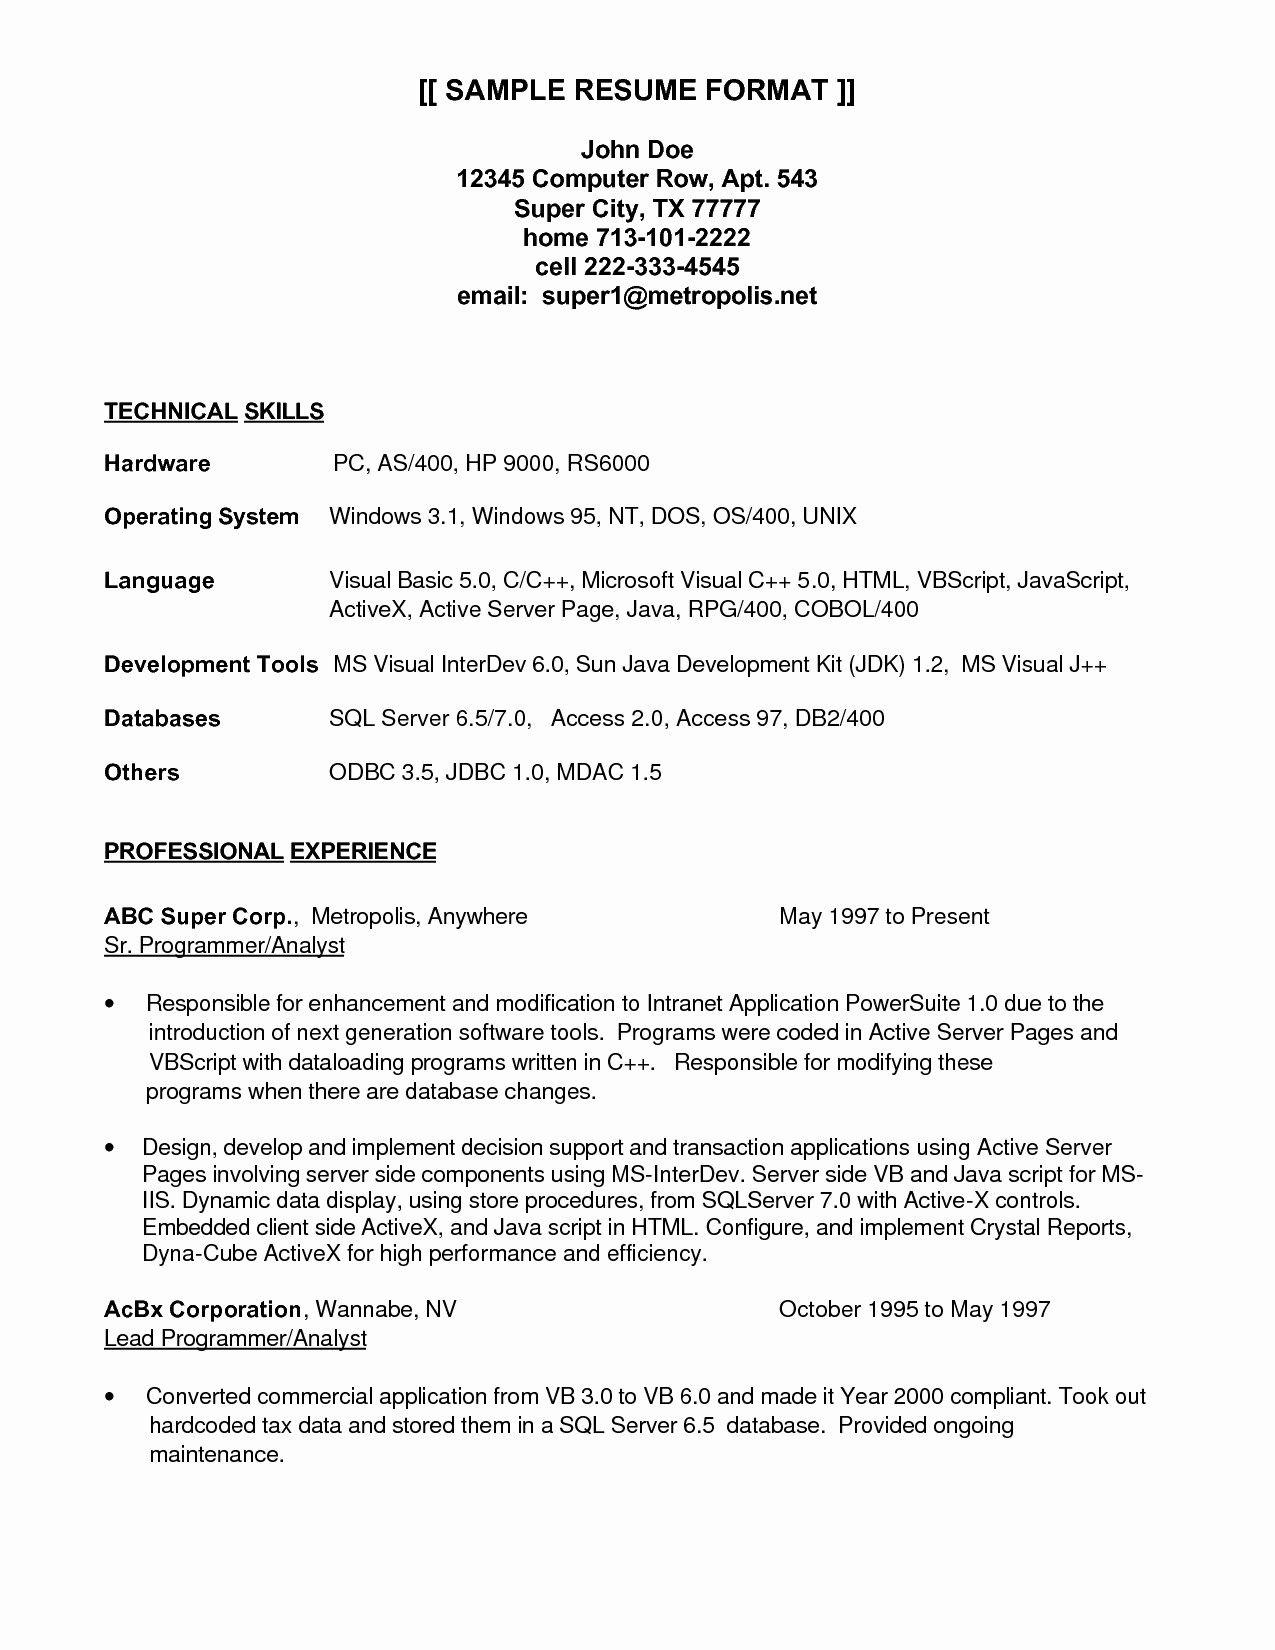 26 Data Analyst Cover Letter Resume Examples Job Resume Samples Resume